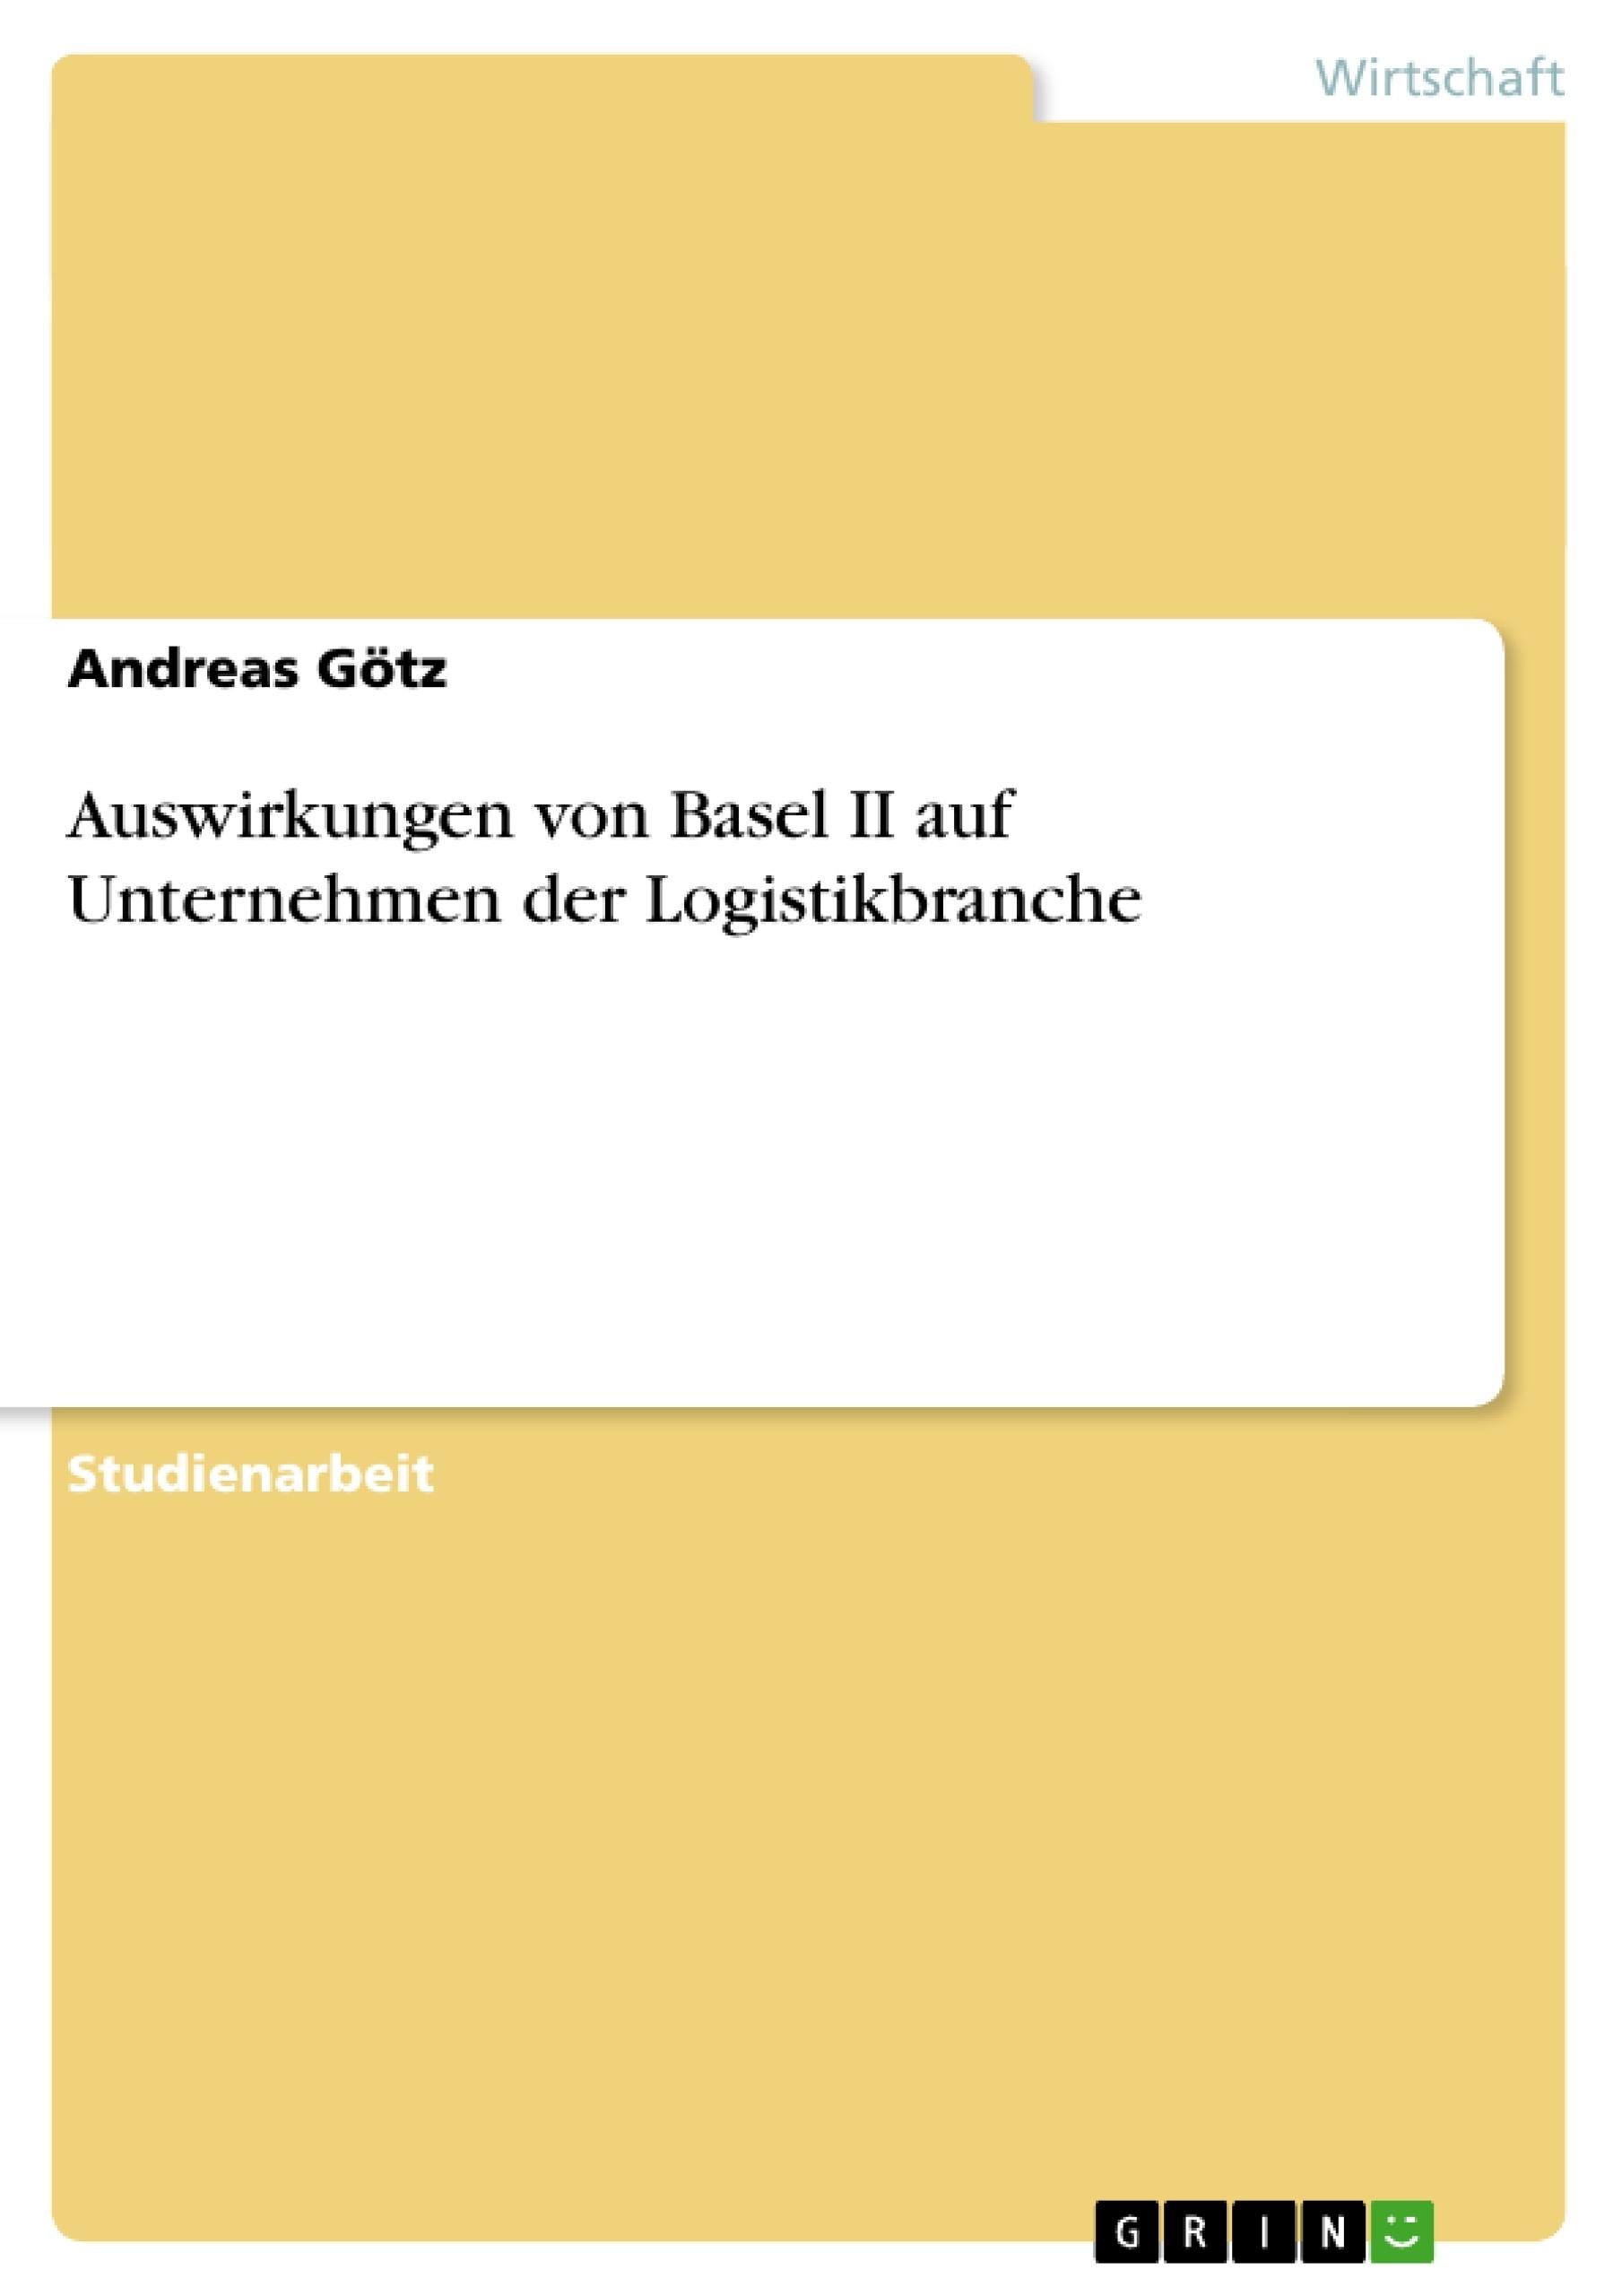 Titel: Auswirkungen von Basel II auf Unternehmen der Logistikbranche